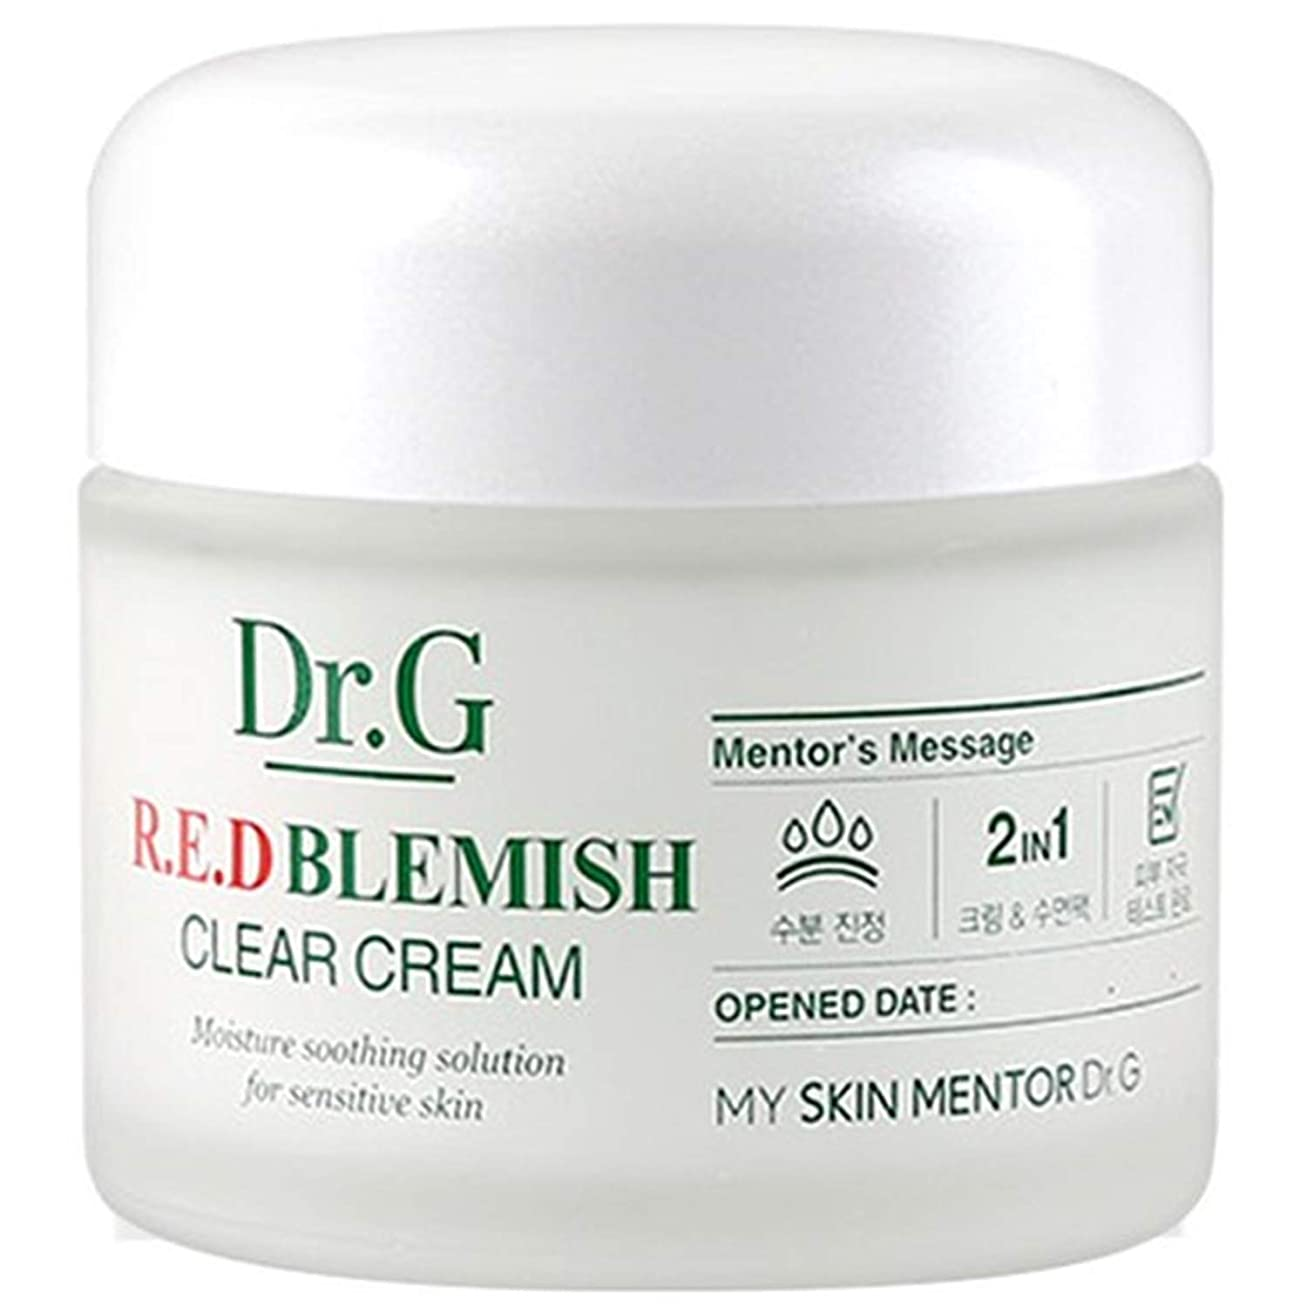 自然ビート植生Dr. Red Blemish Clear Cream ドクタージー レッド ブレミッシュ クリアー クリーム